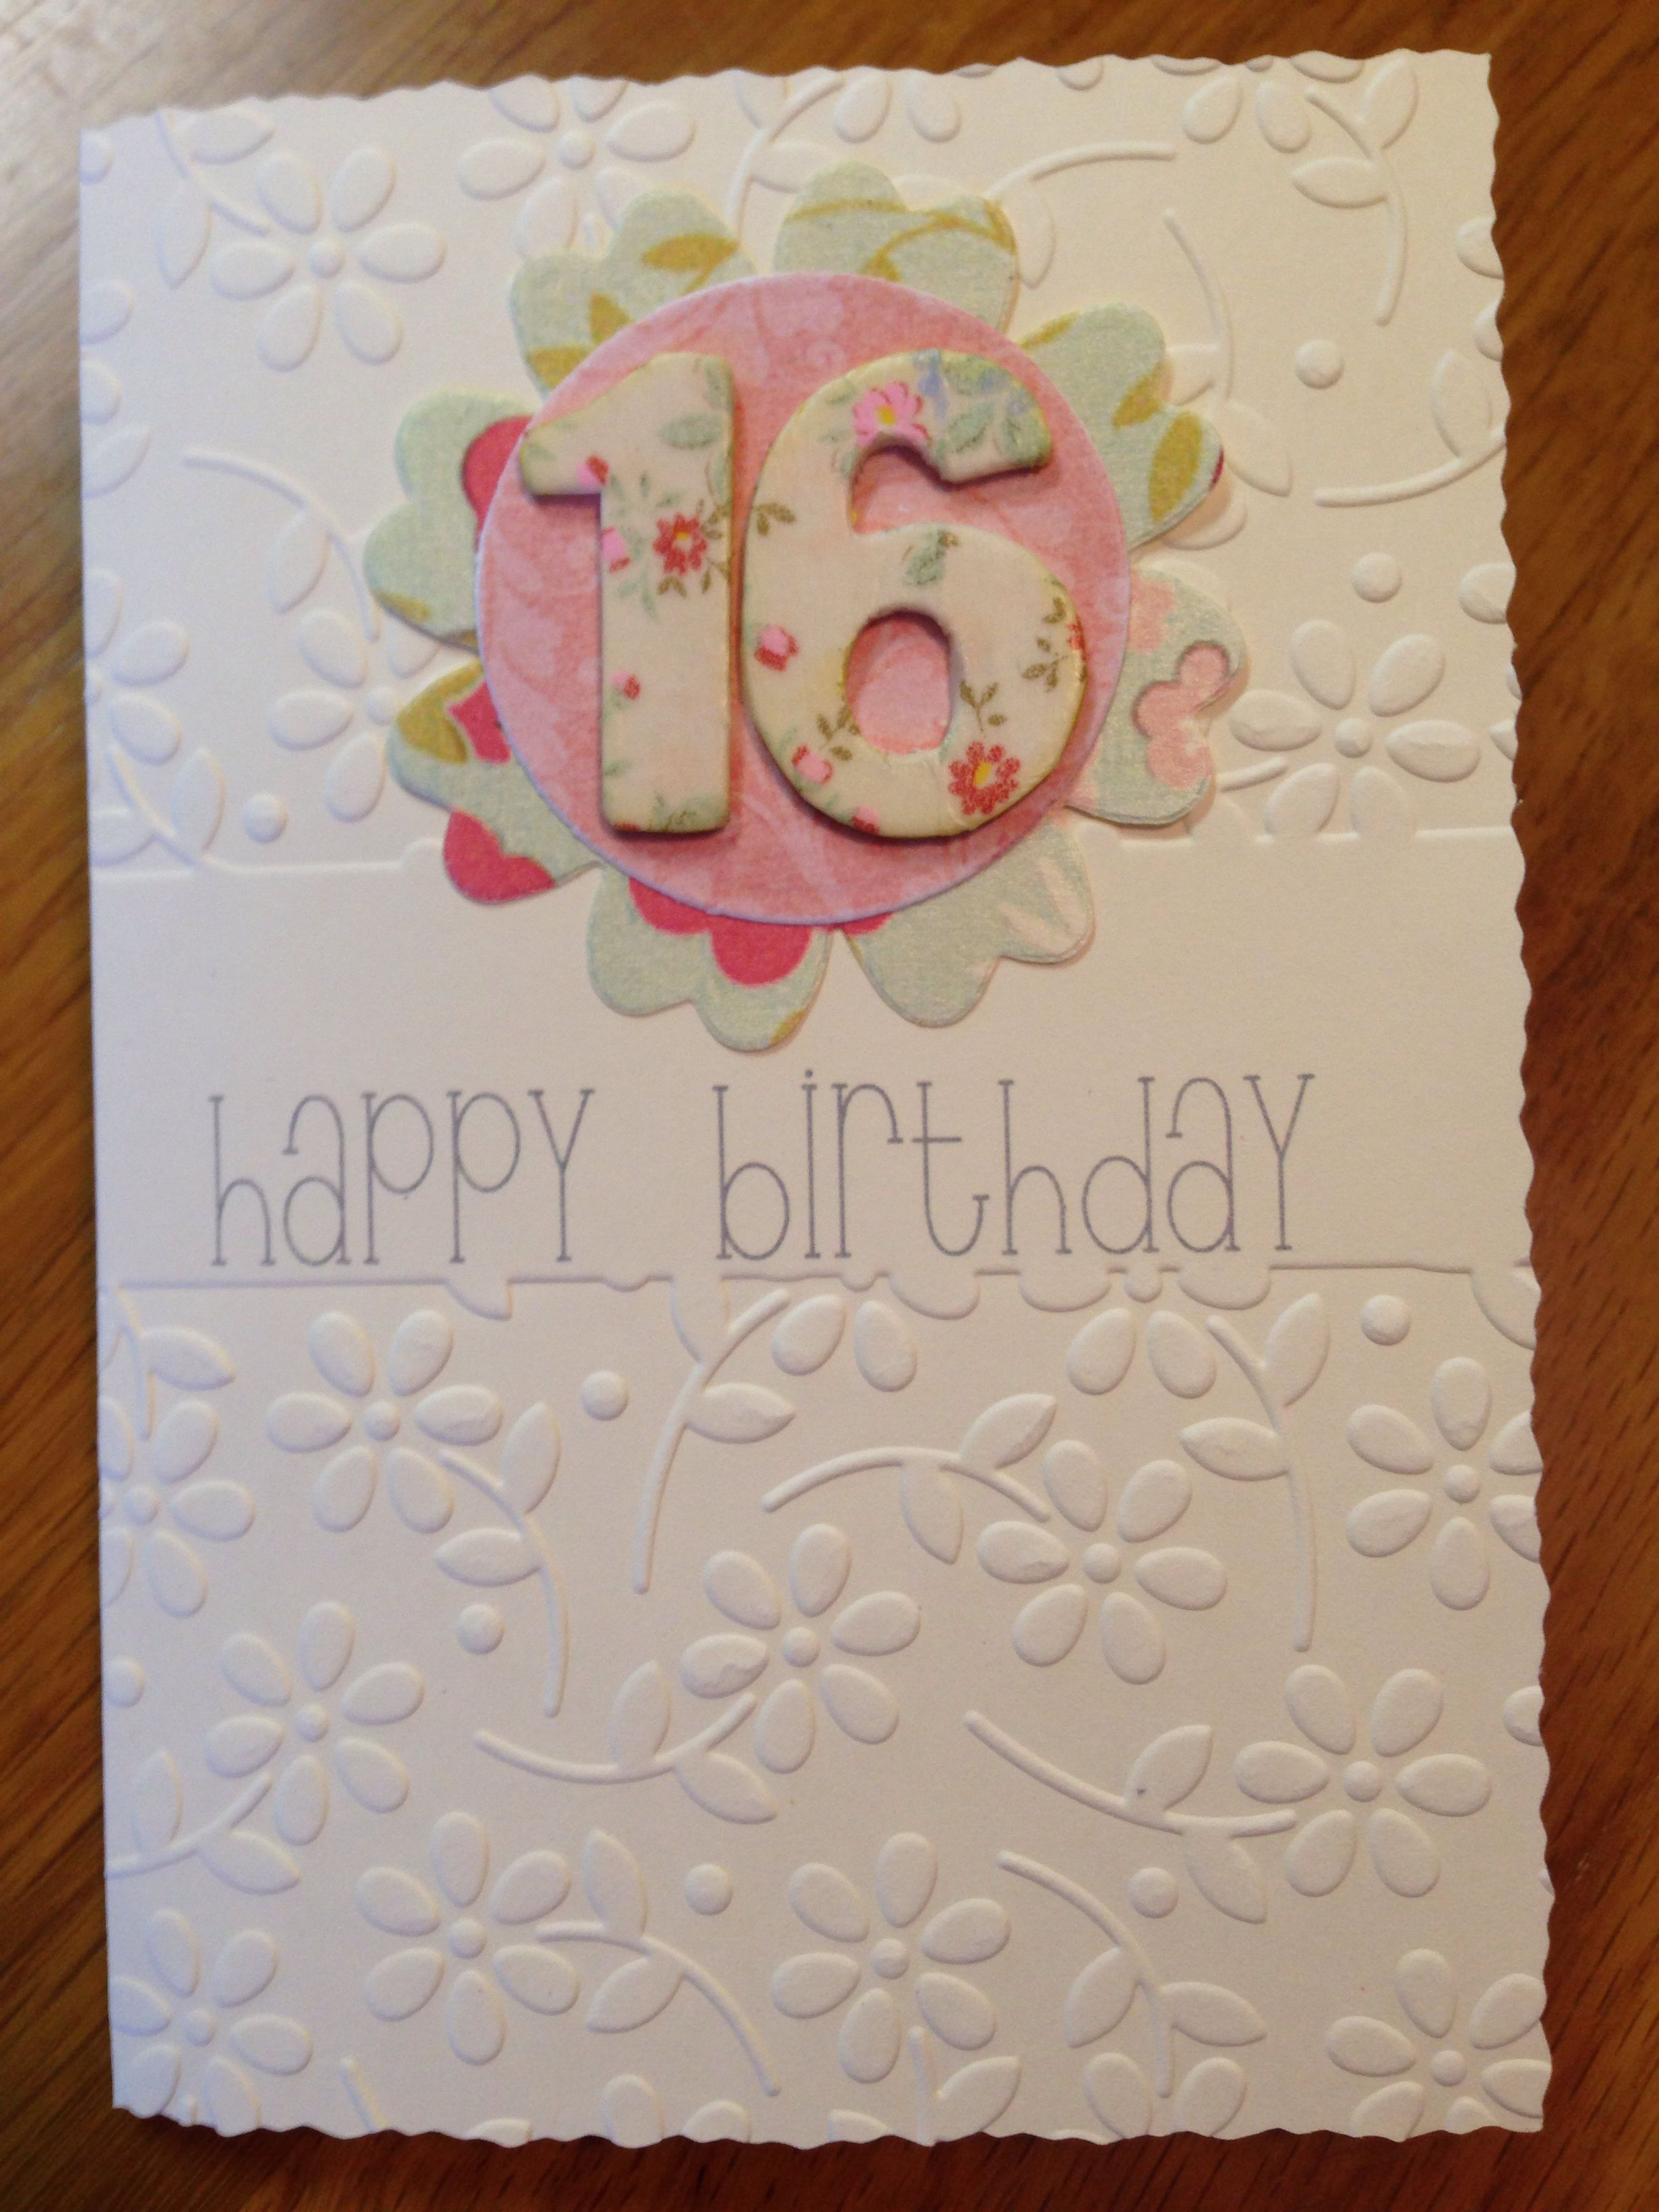 Pin By Sherri On Card Ideas 16th Birthday Card Birthday Card Craft Birthday Cards